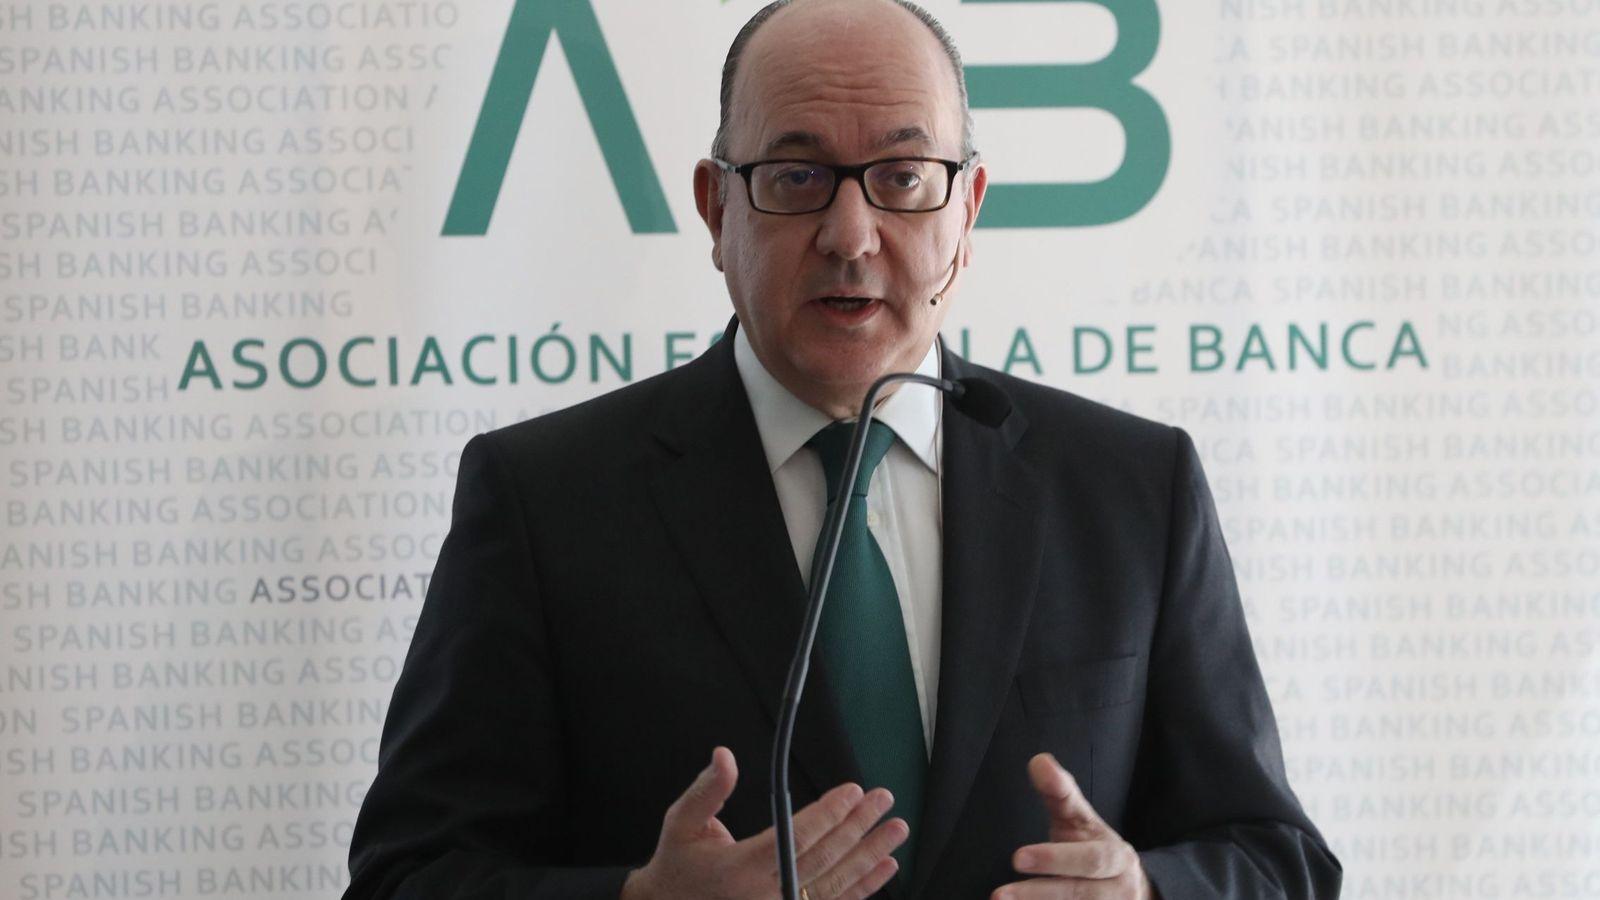 Foto:  El presidente de la Asociación Española de Banca (AEB), José María Roldán. (EFE)